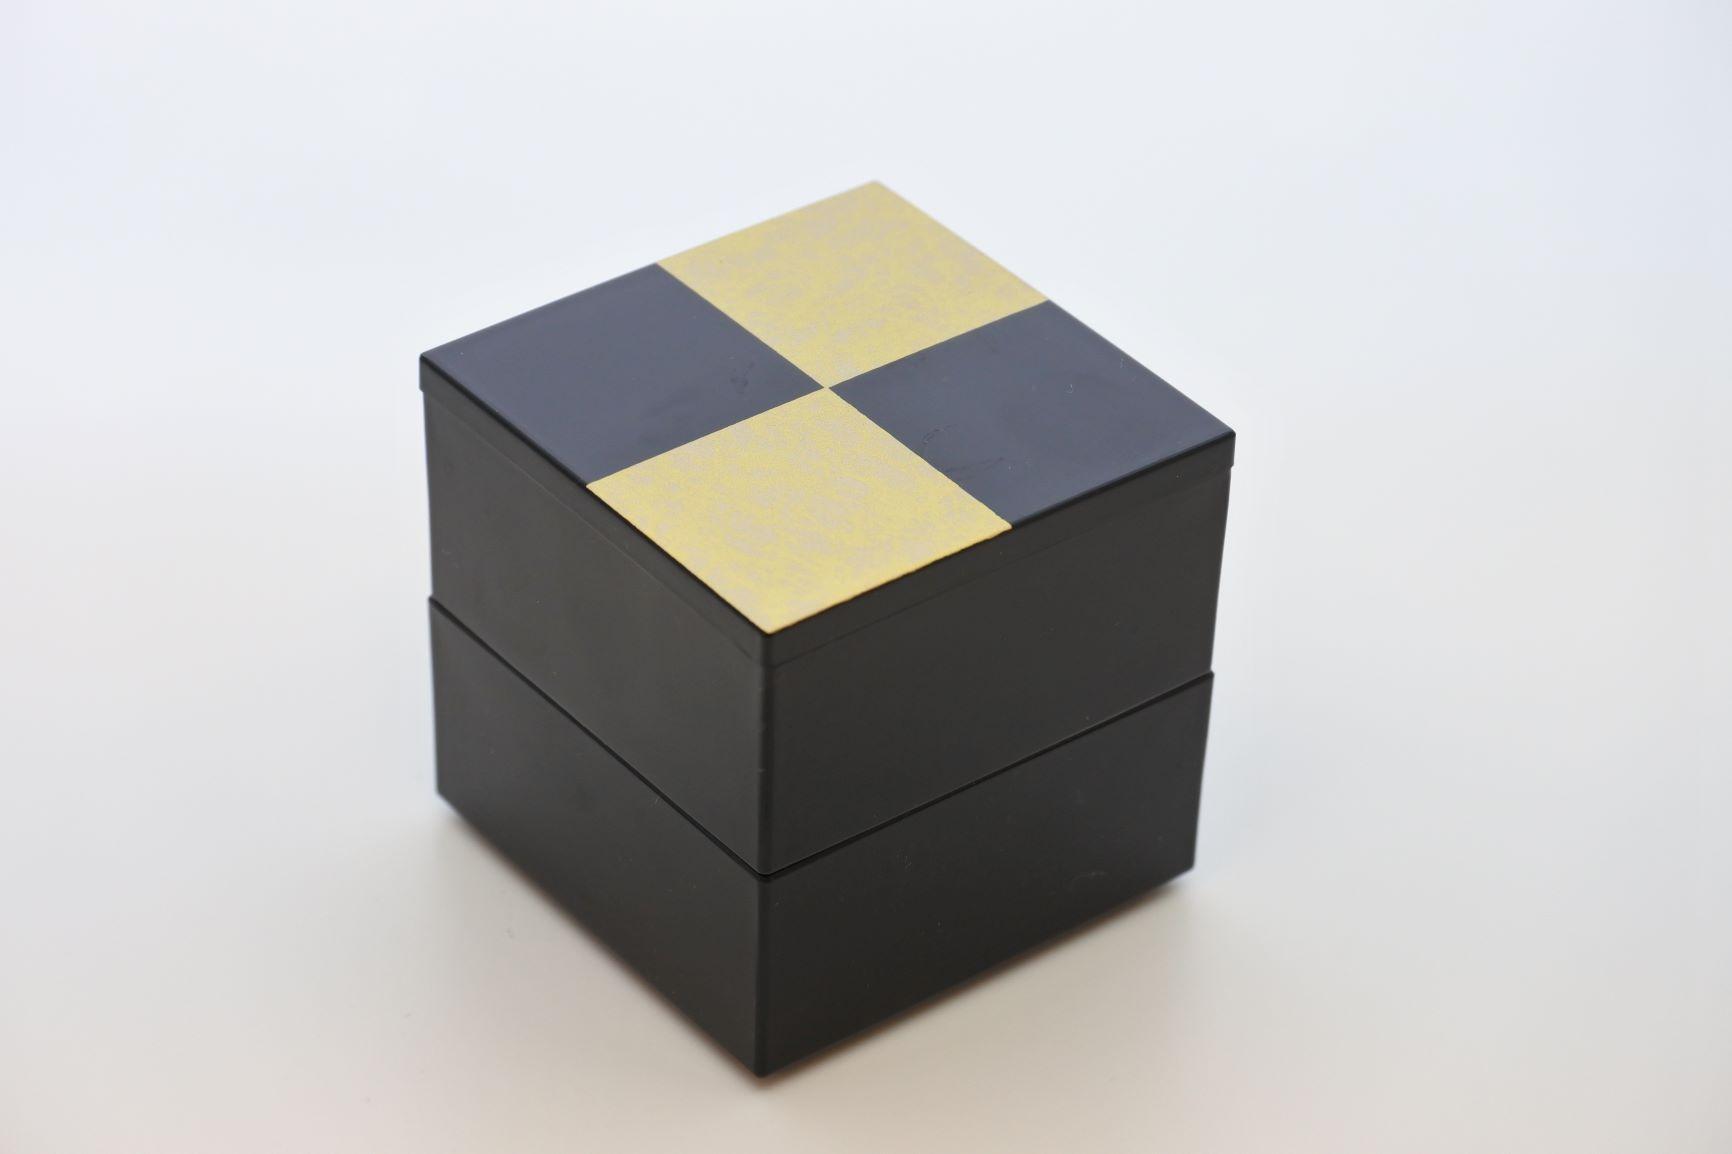 《新商品》JUBAKO/重箱/市松GOLD5.0二段中子重(黒)(A)KZ2962A≪Kaze-ya style≫